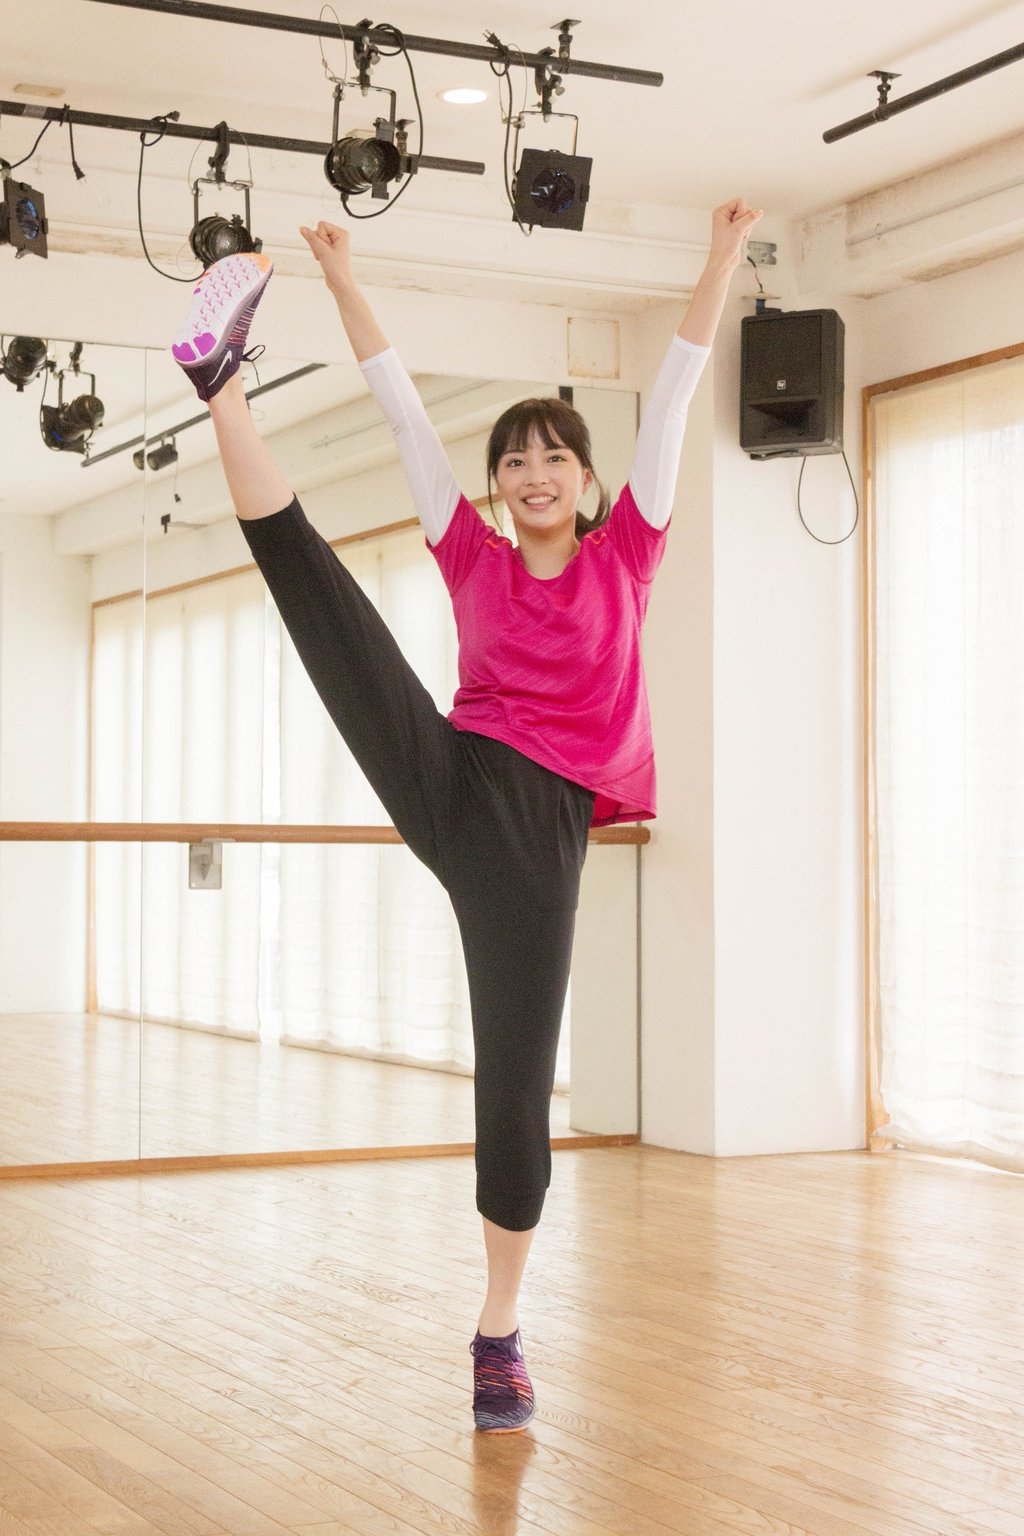 映画「チア☆ダン~女子高生がチアダンスで全米制覇しちゃったホントの話~」で猛特訓した広瀬すずの開脚